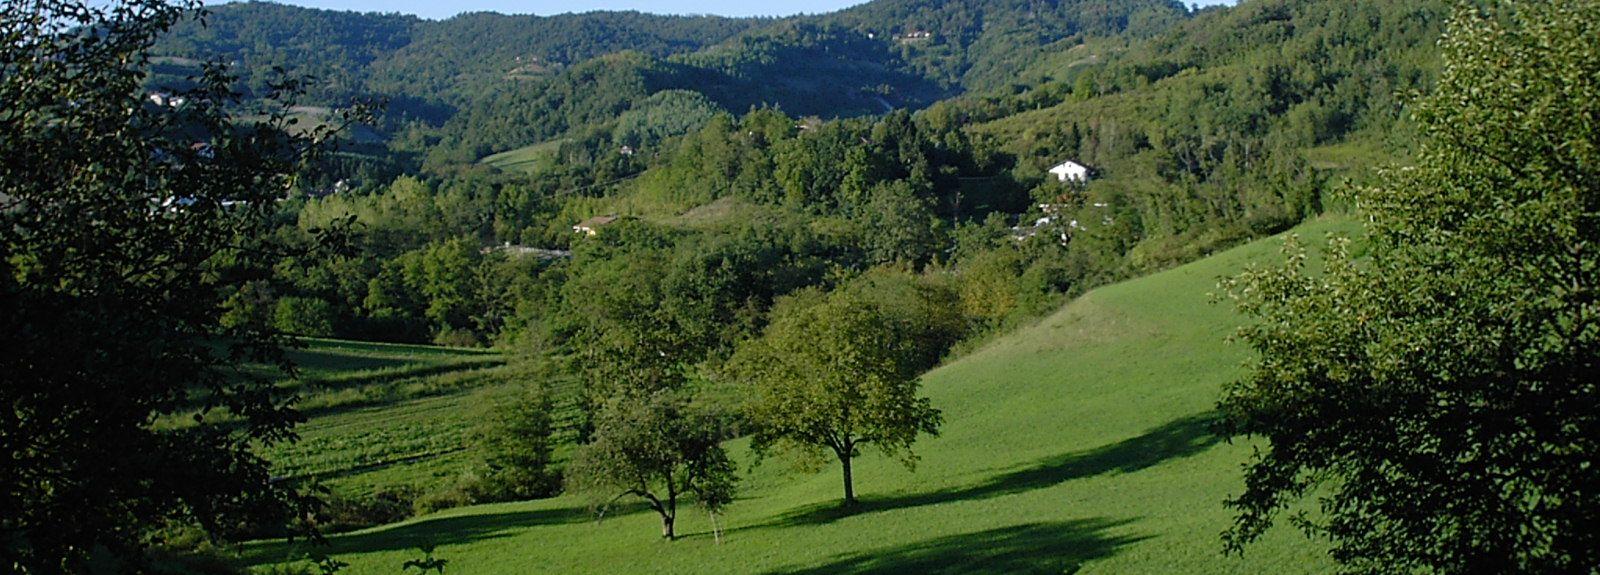 Pecetto Torinese, Piedmont, Italy